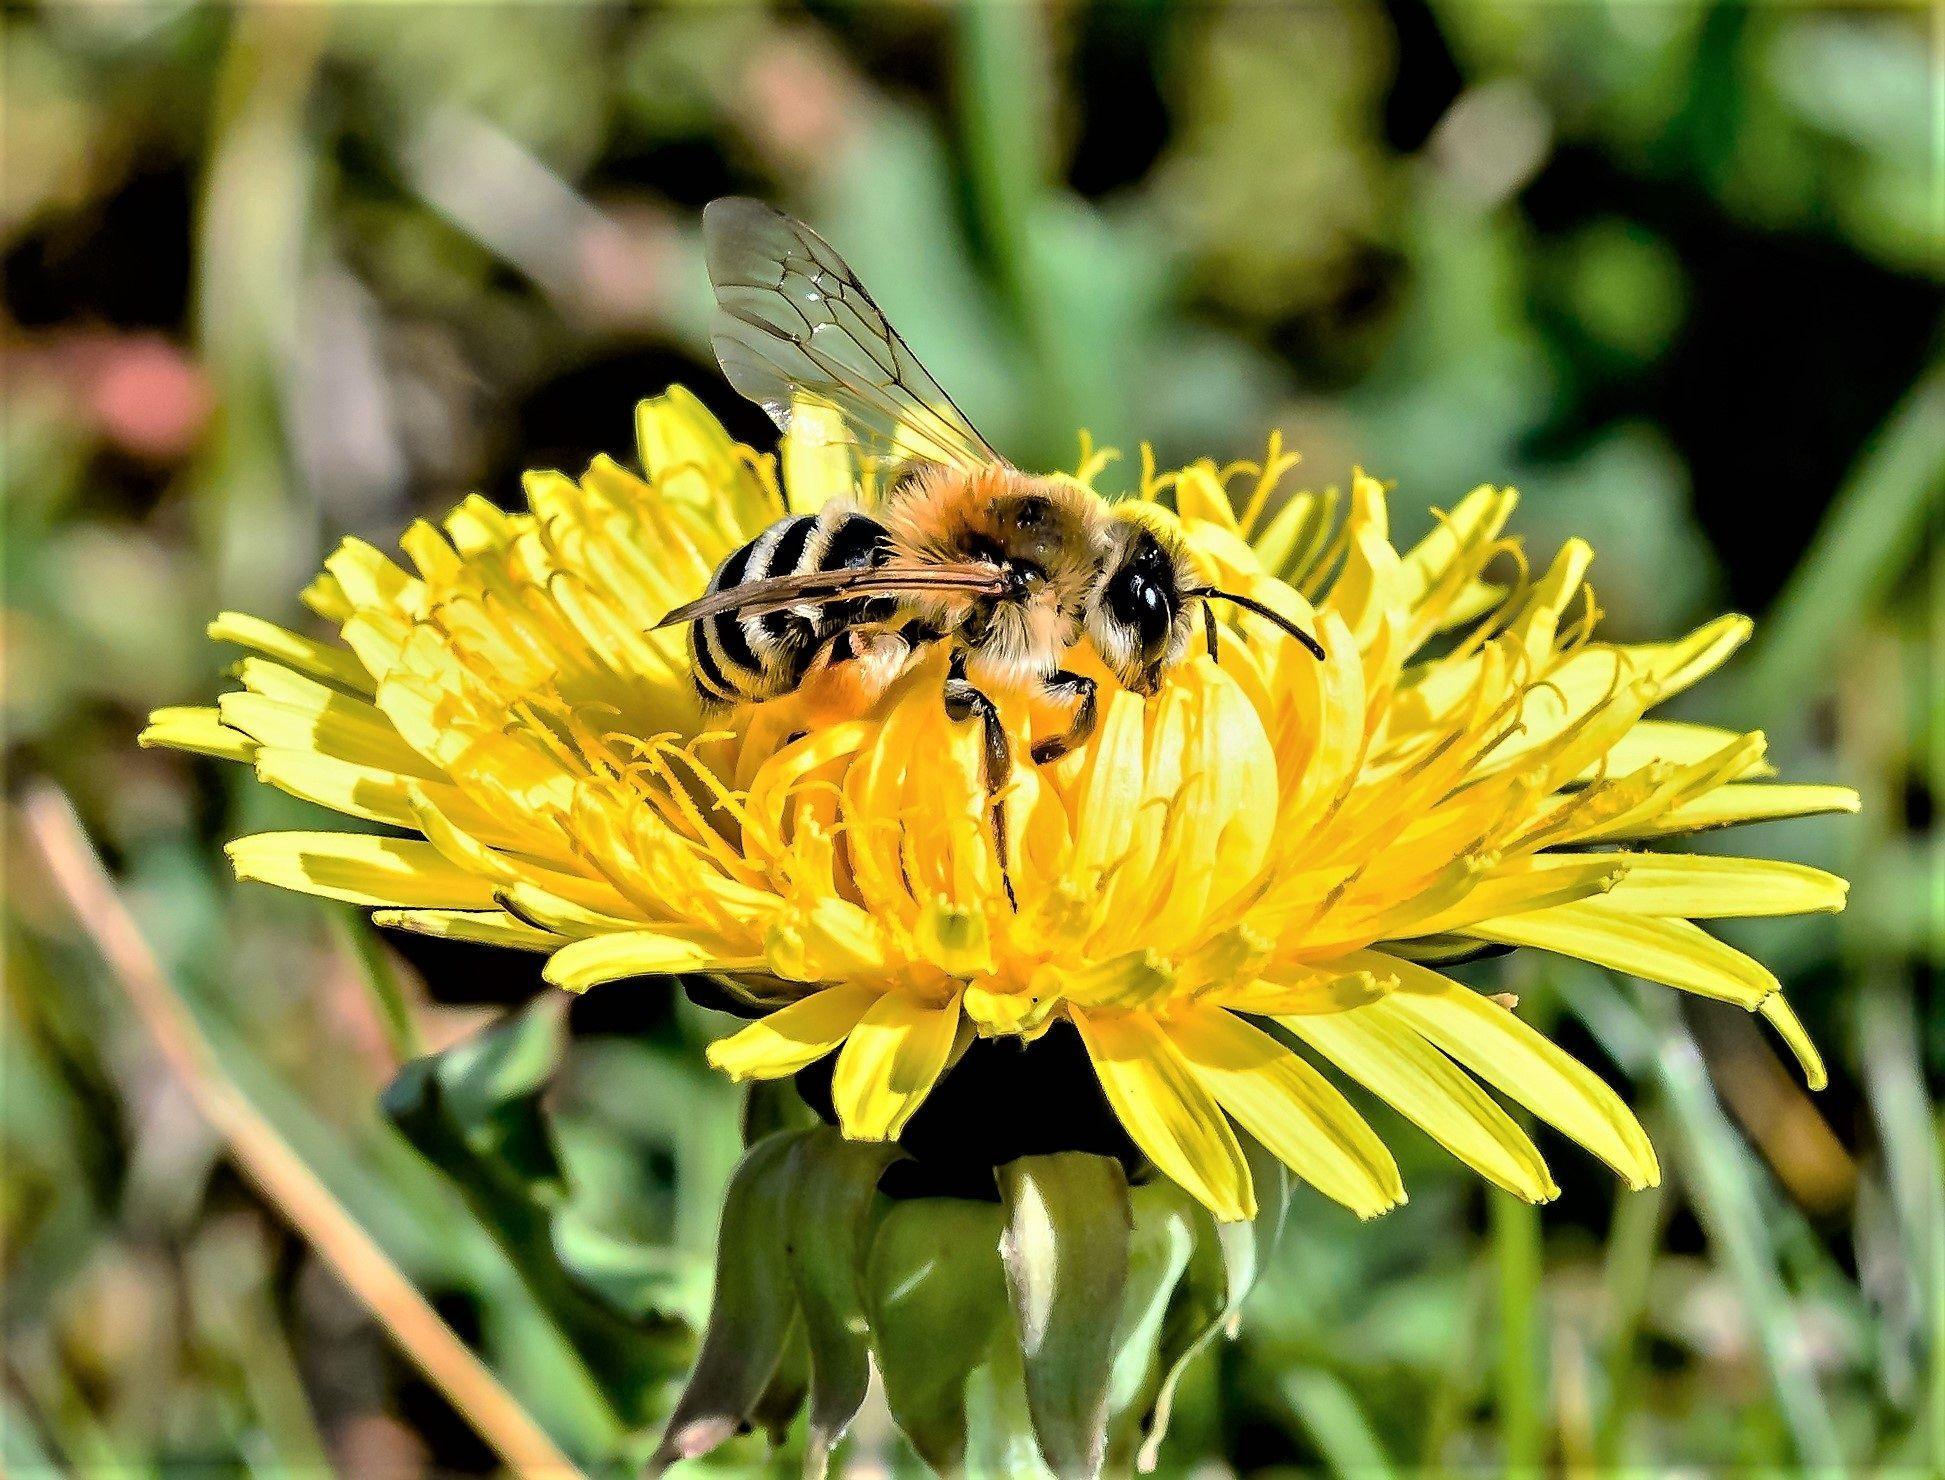 abeille nature fleur miel bio environnement ecologie